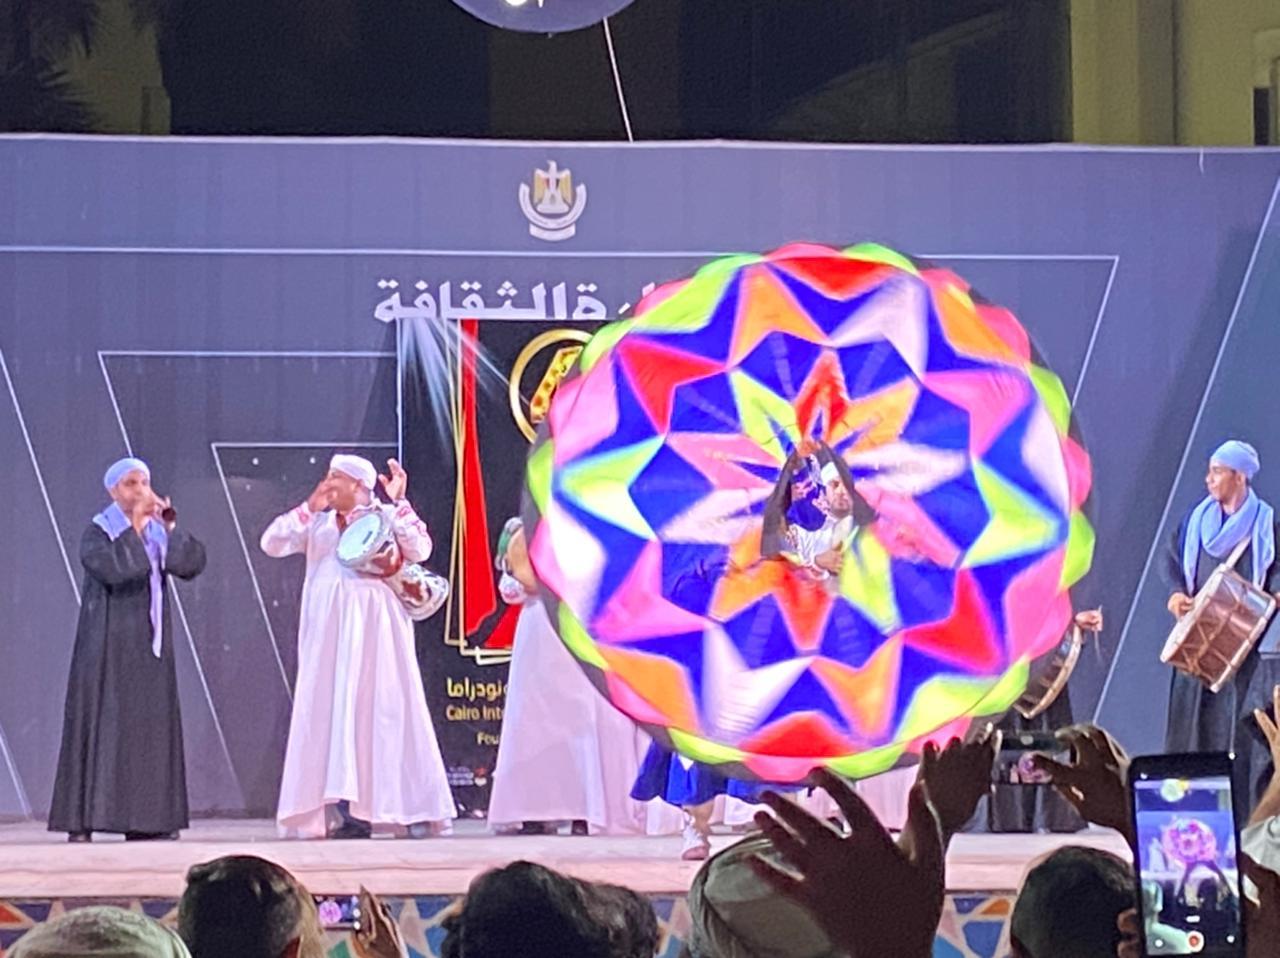 على أنغام المزمار والتنورة أيام القاهرة الدولي للمونودراما يسدل الستار على فعالياته